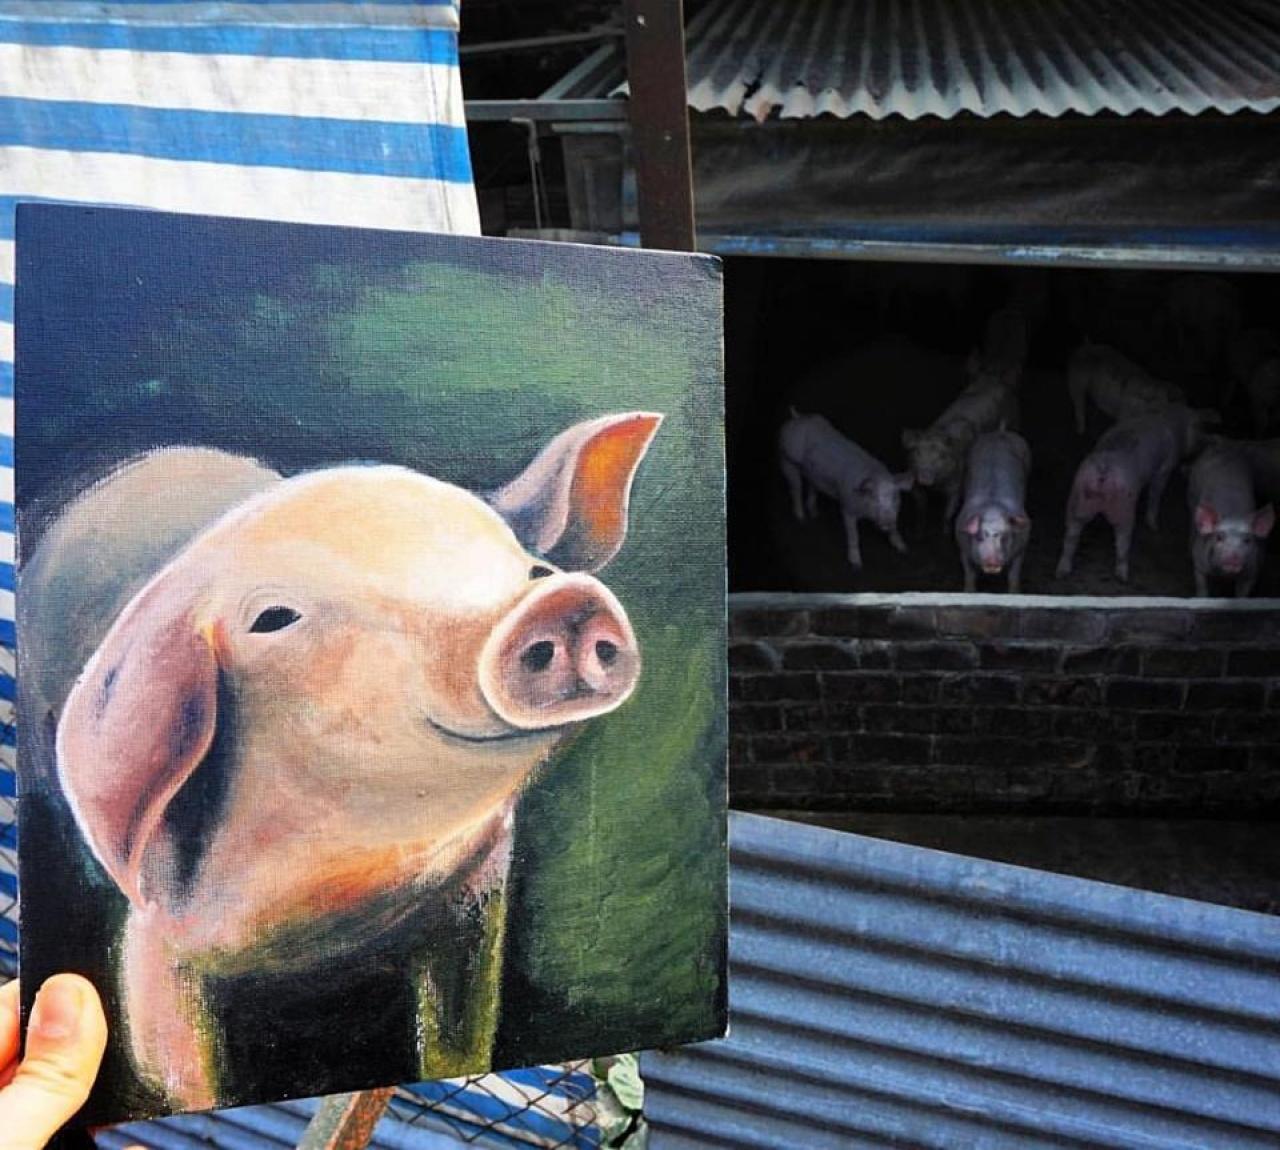 一芯偷偷到香港某間養豬場探豬,她舉起自己的畫作,希望小豬能看到畫作,感受到有人對牠們關懷。